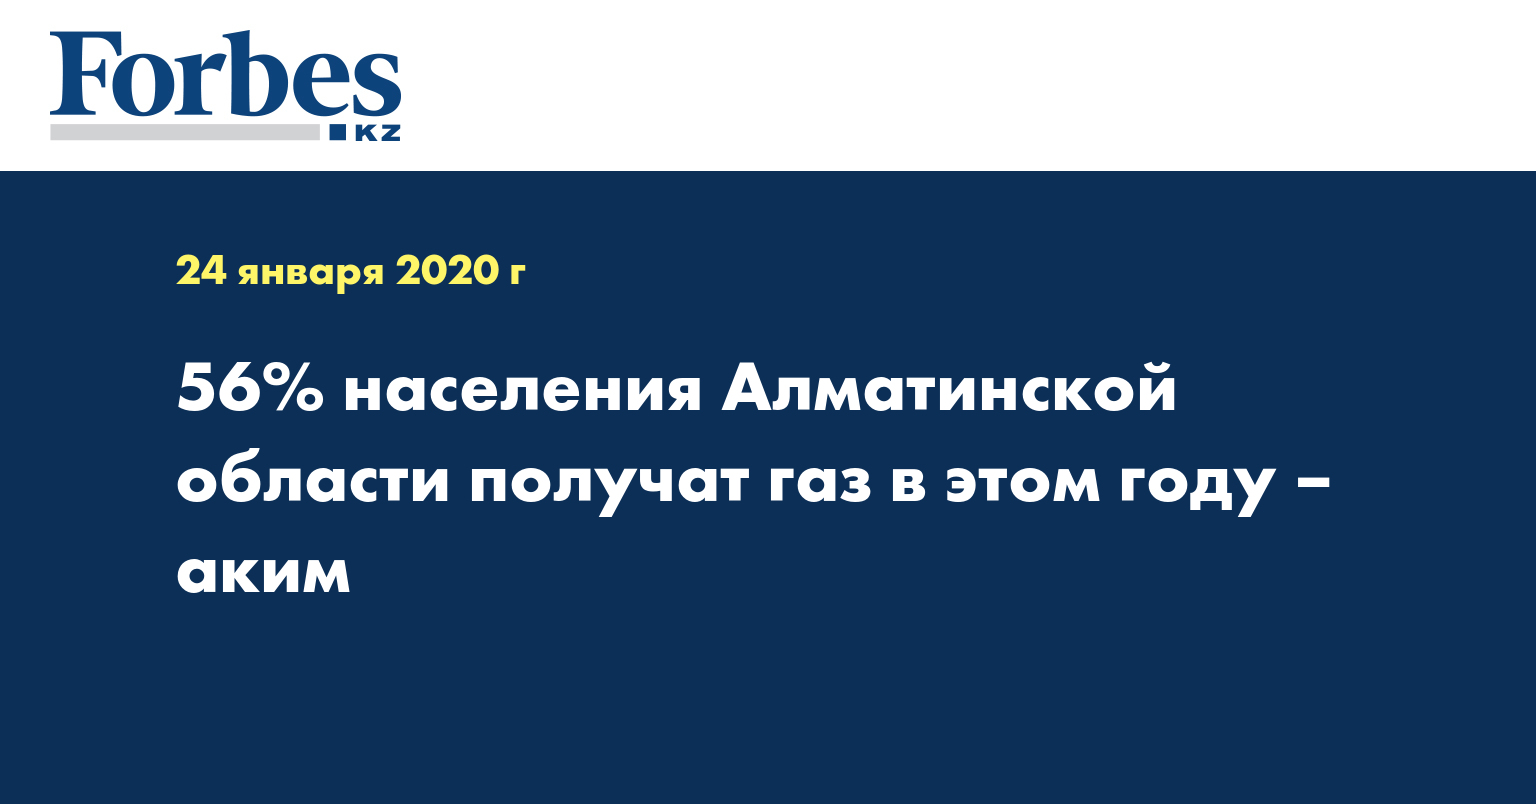 56% населения Алматинской области получат газ в этом году – аким